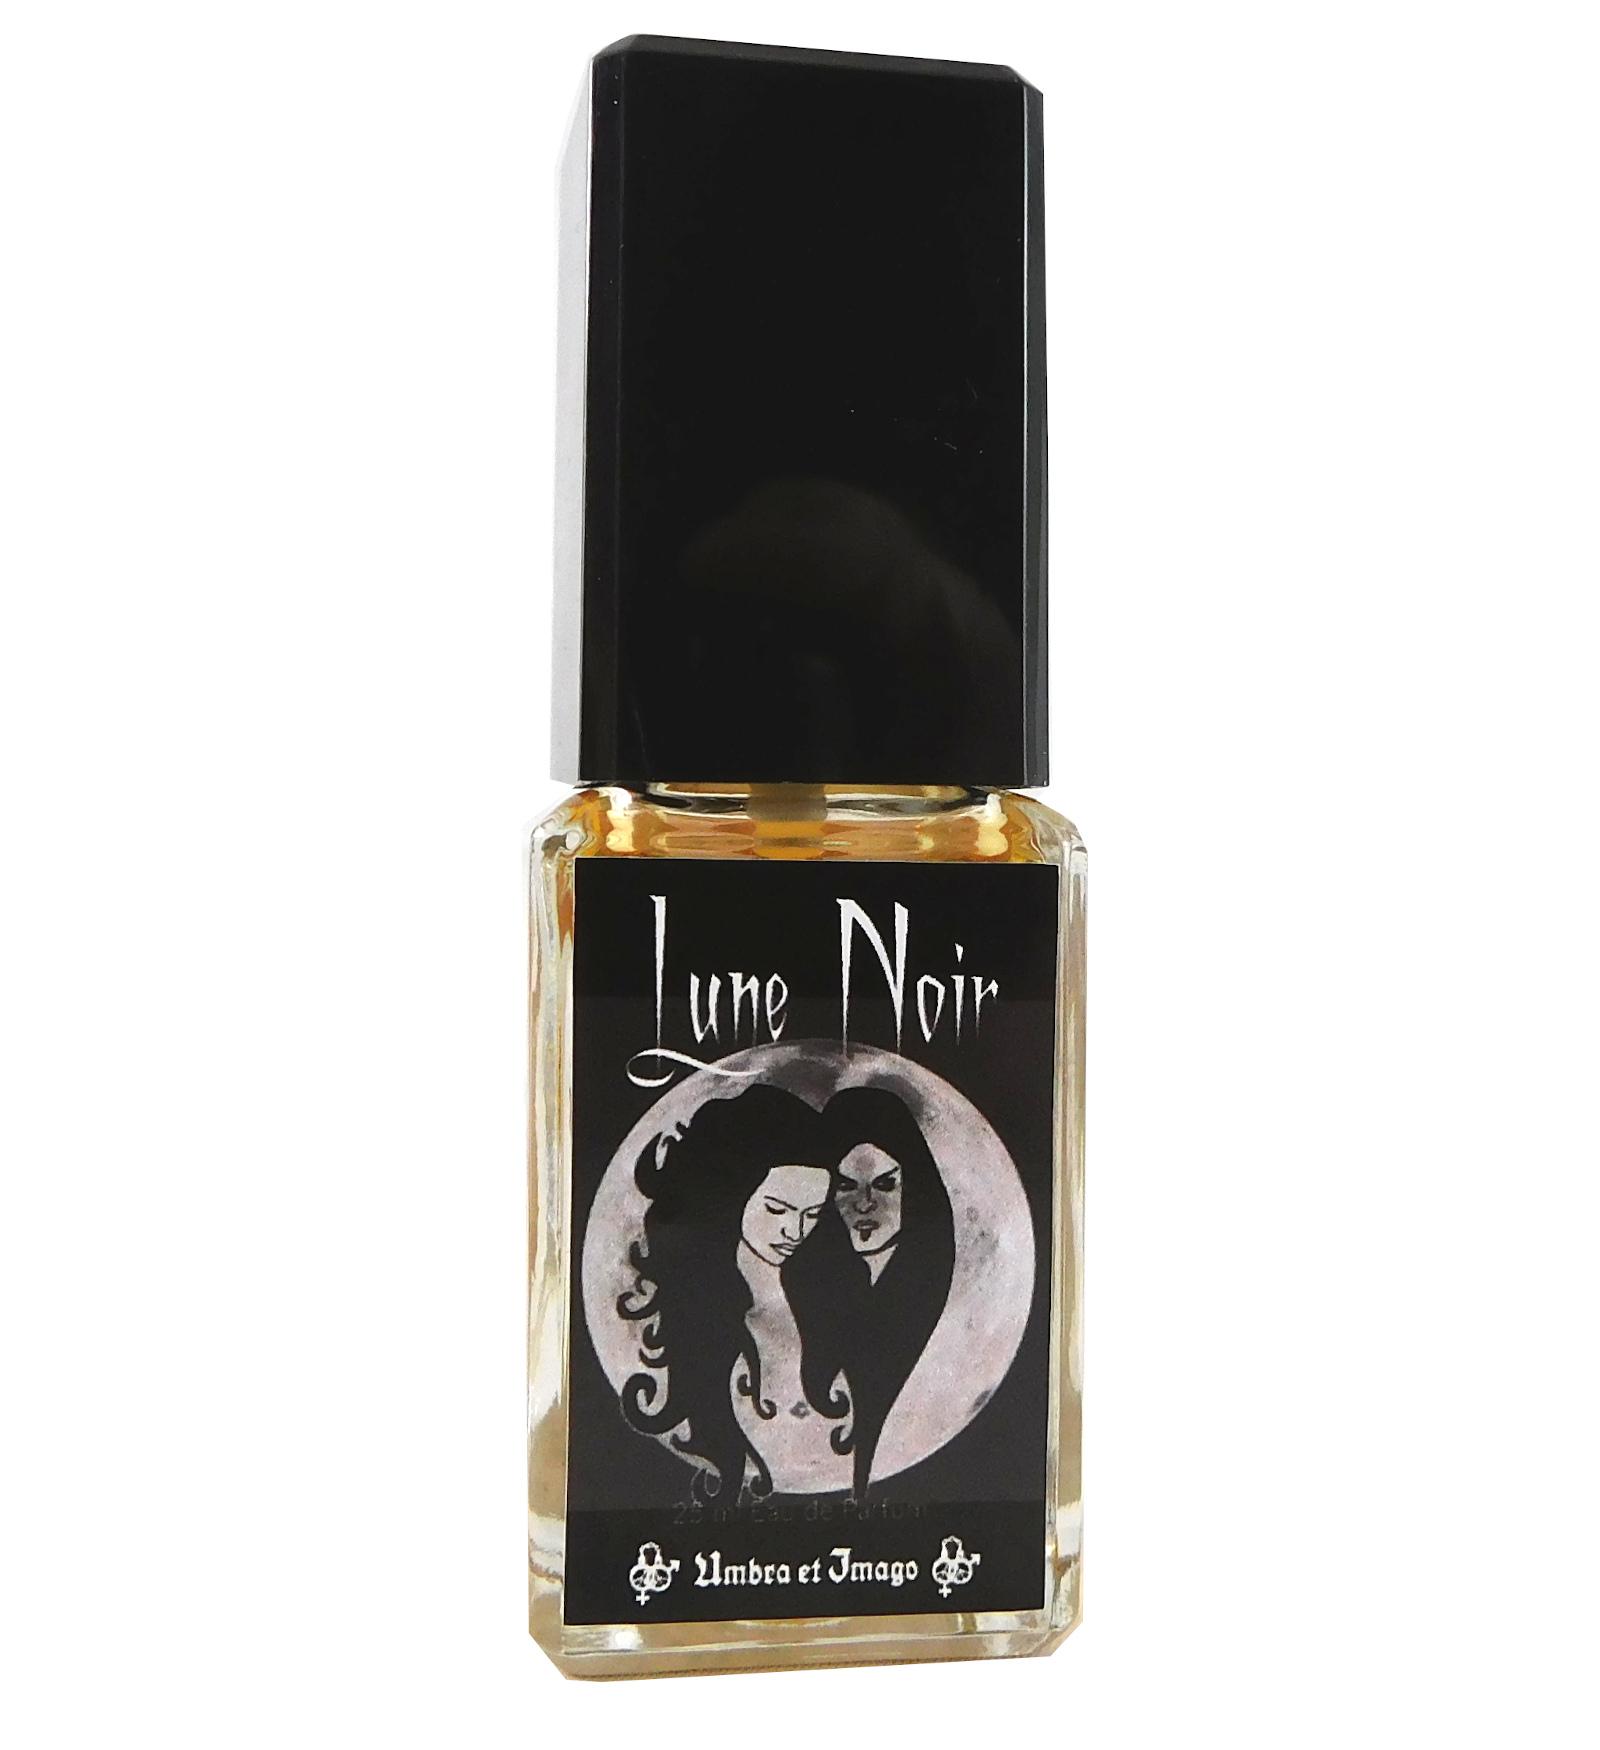 Eau de Parfum Lune Noir von Umbra et Imago, 25ml